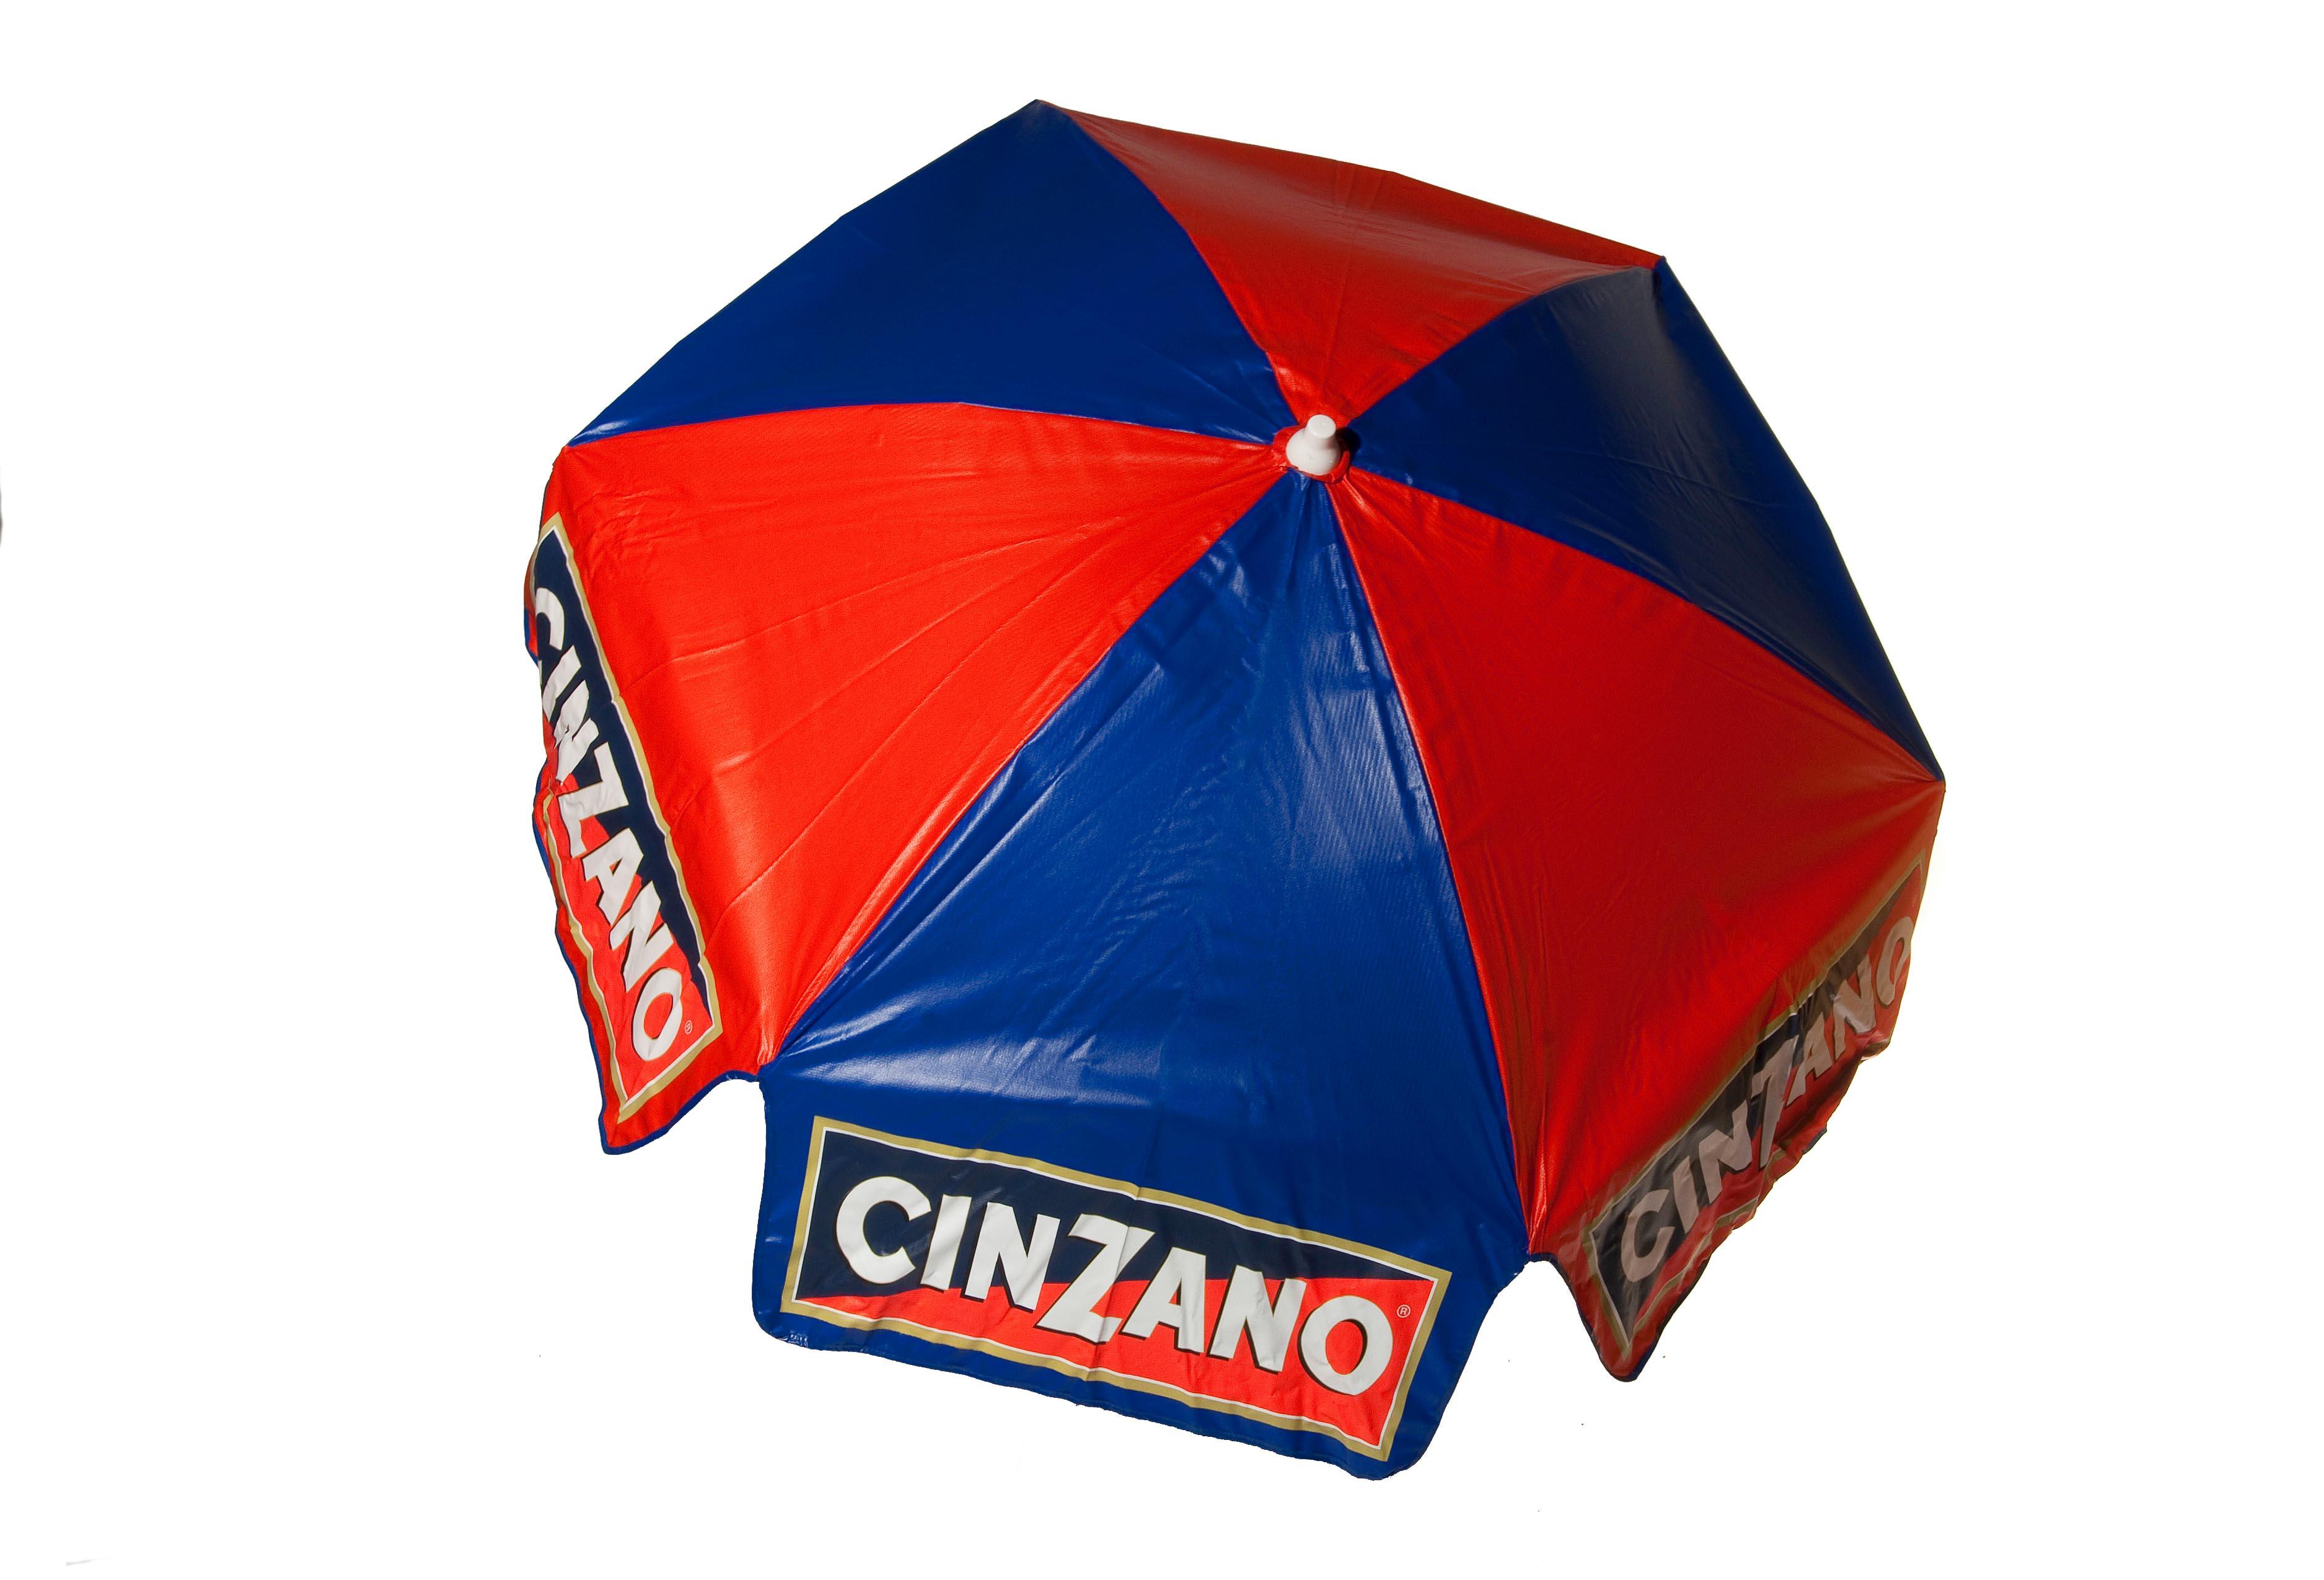 6u0027 CinZano Patio Umbrella